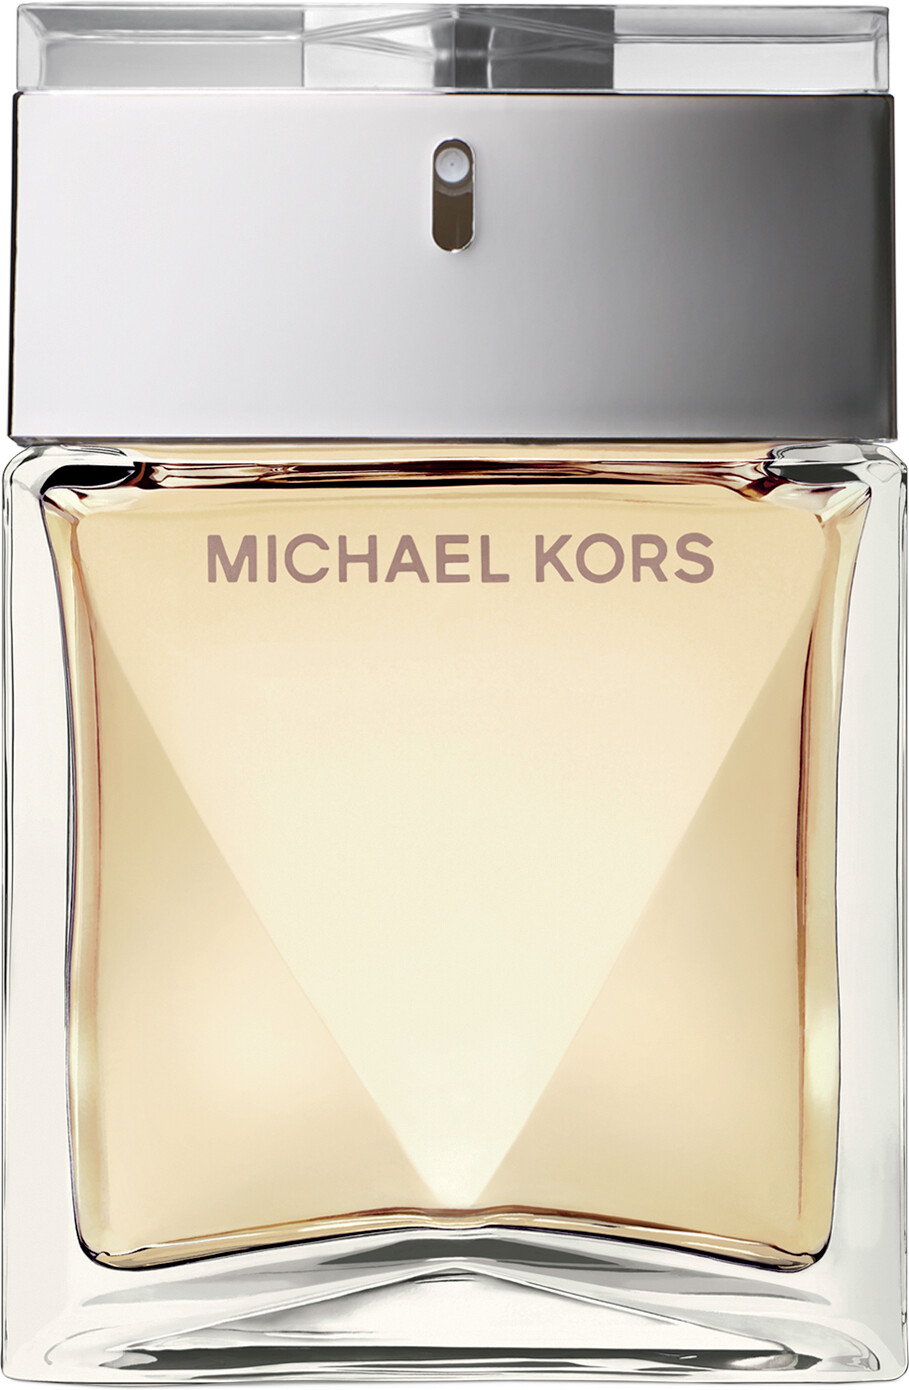 Michael Kors Women Eau de Parfum Spray 30ml